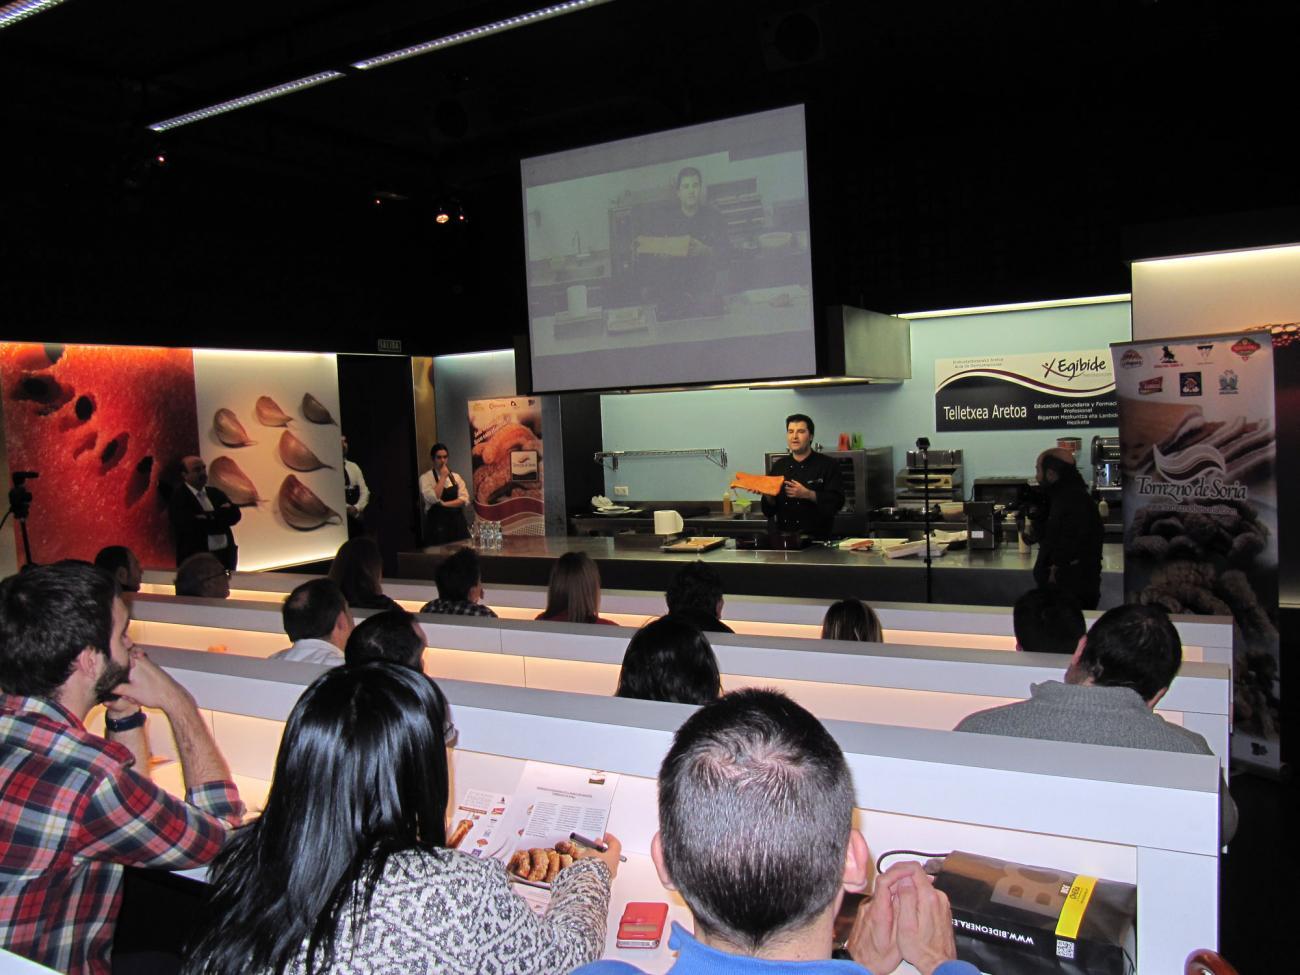 Los hosteleros más selectos de Vitoria–Gasteiz conocieron los secretos del Torrezno de Soria gracias a un show cooking